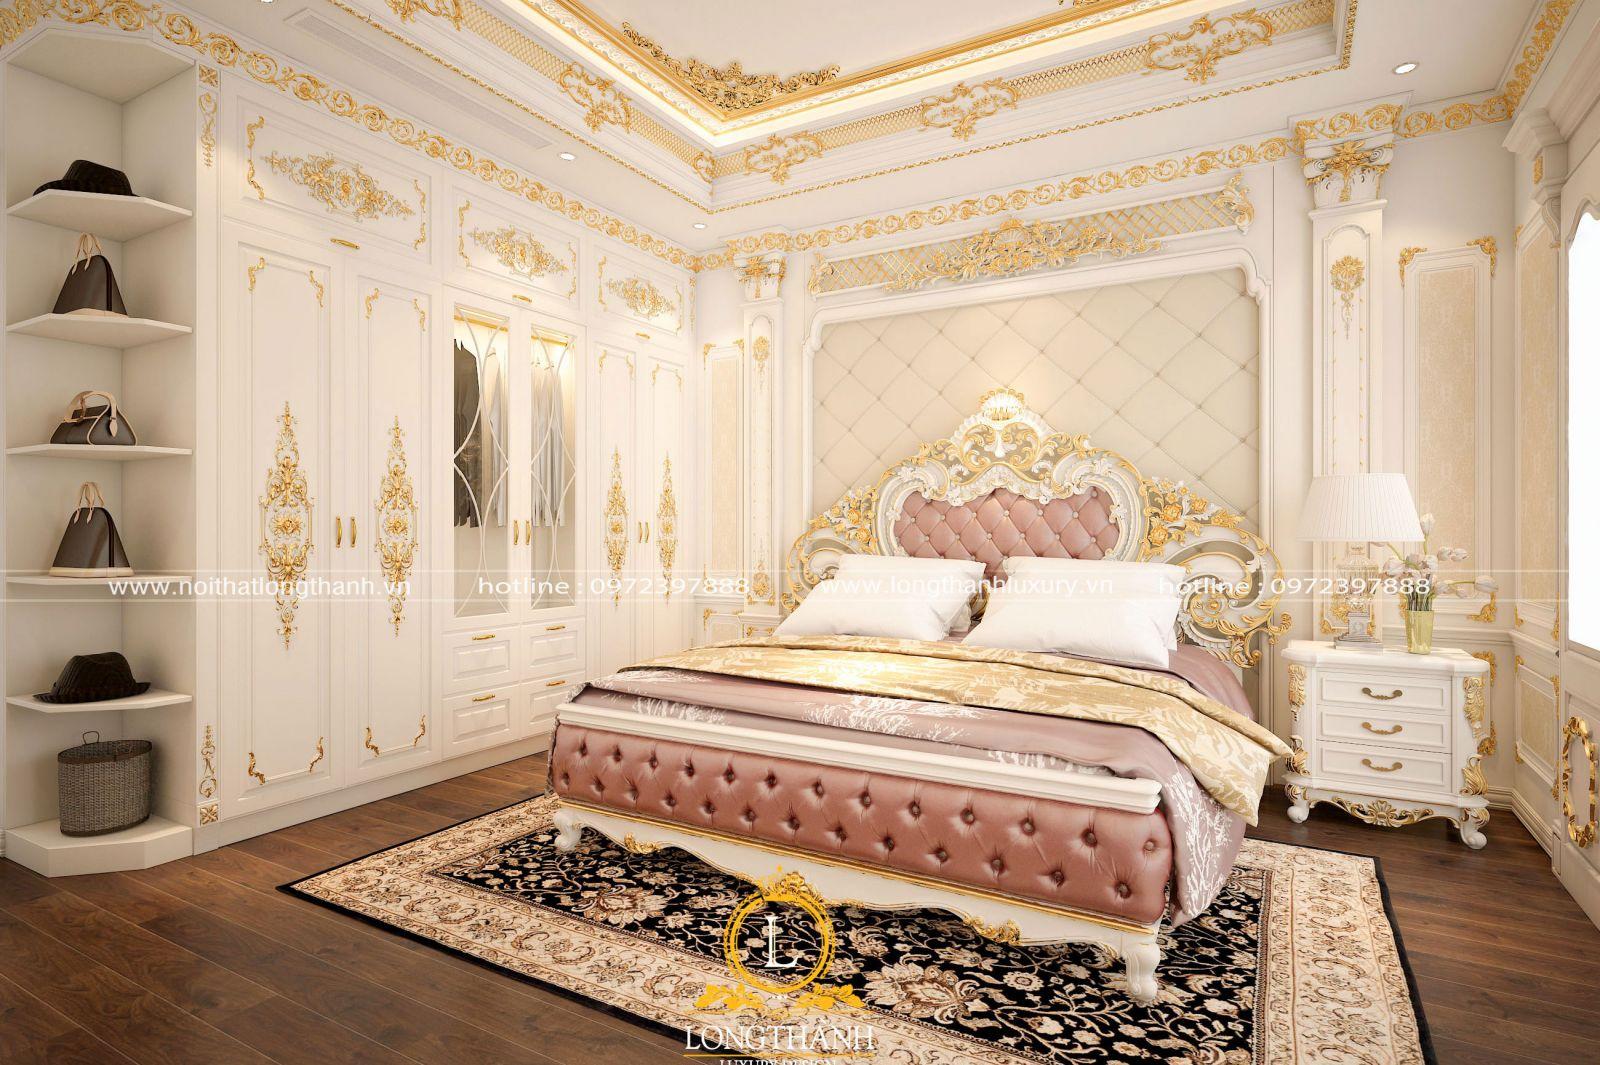 Phòng ngủ tân cổ điển ấm cúng và tiện nghi